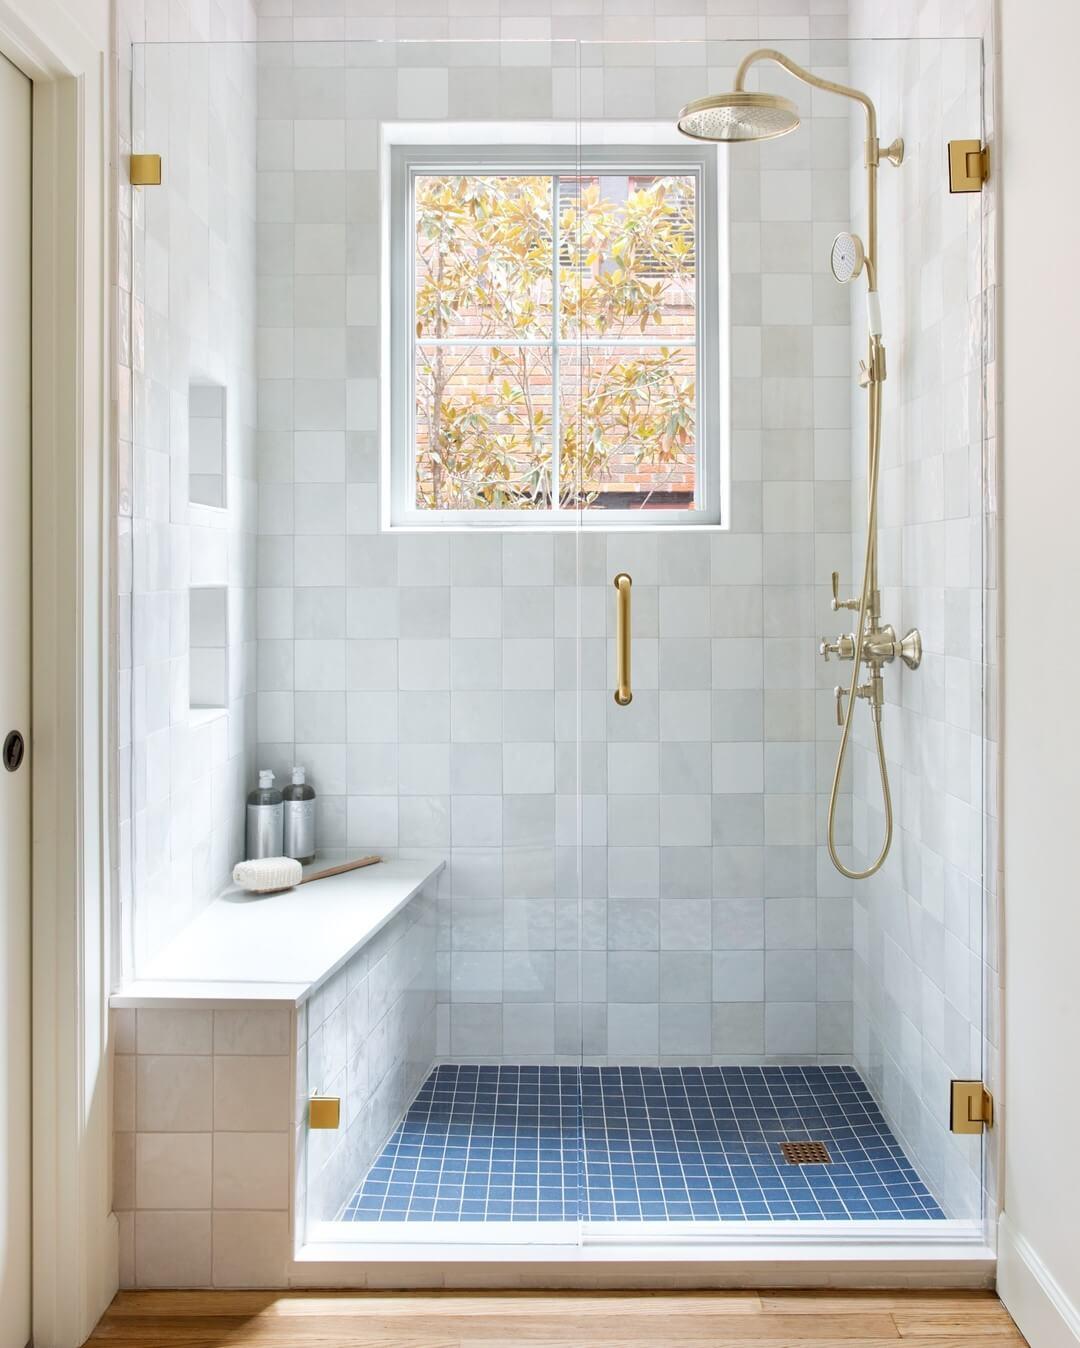 How Do I Keep My Shower Door Clean